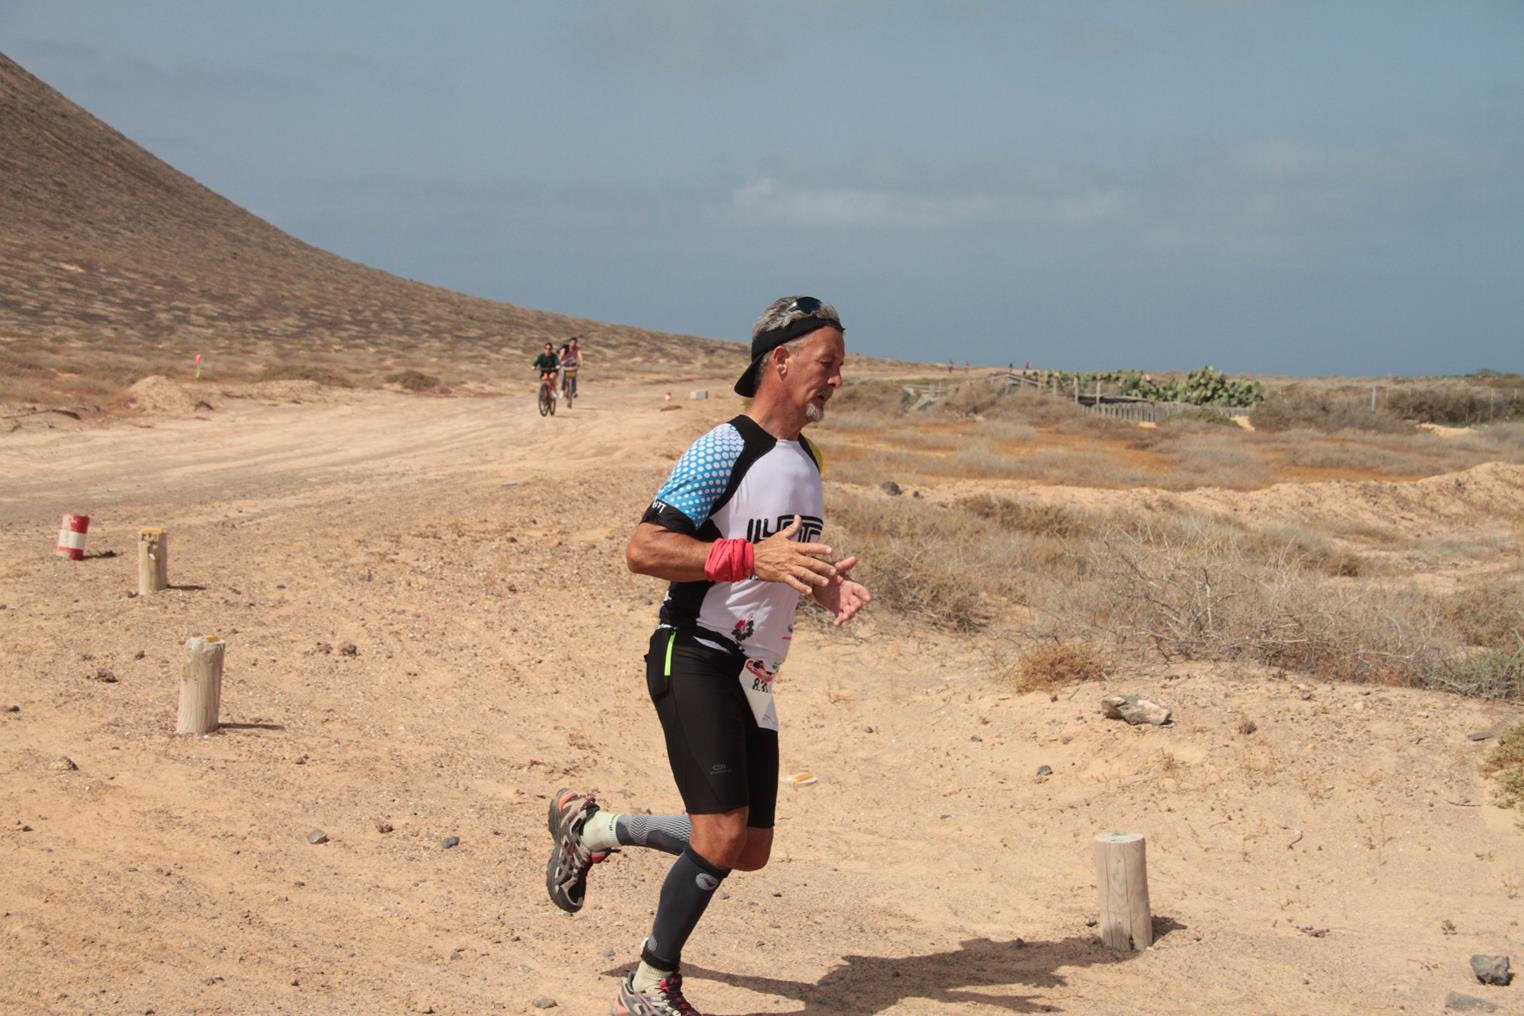 Desafio-Trail-525